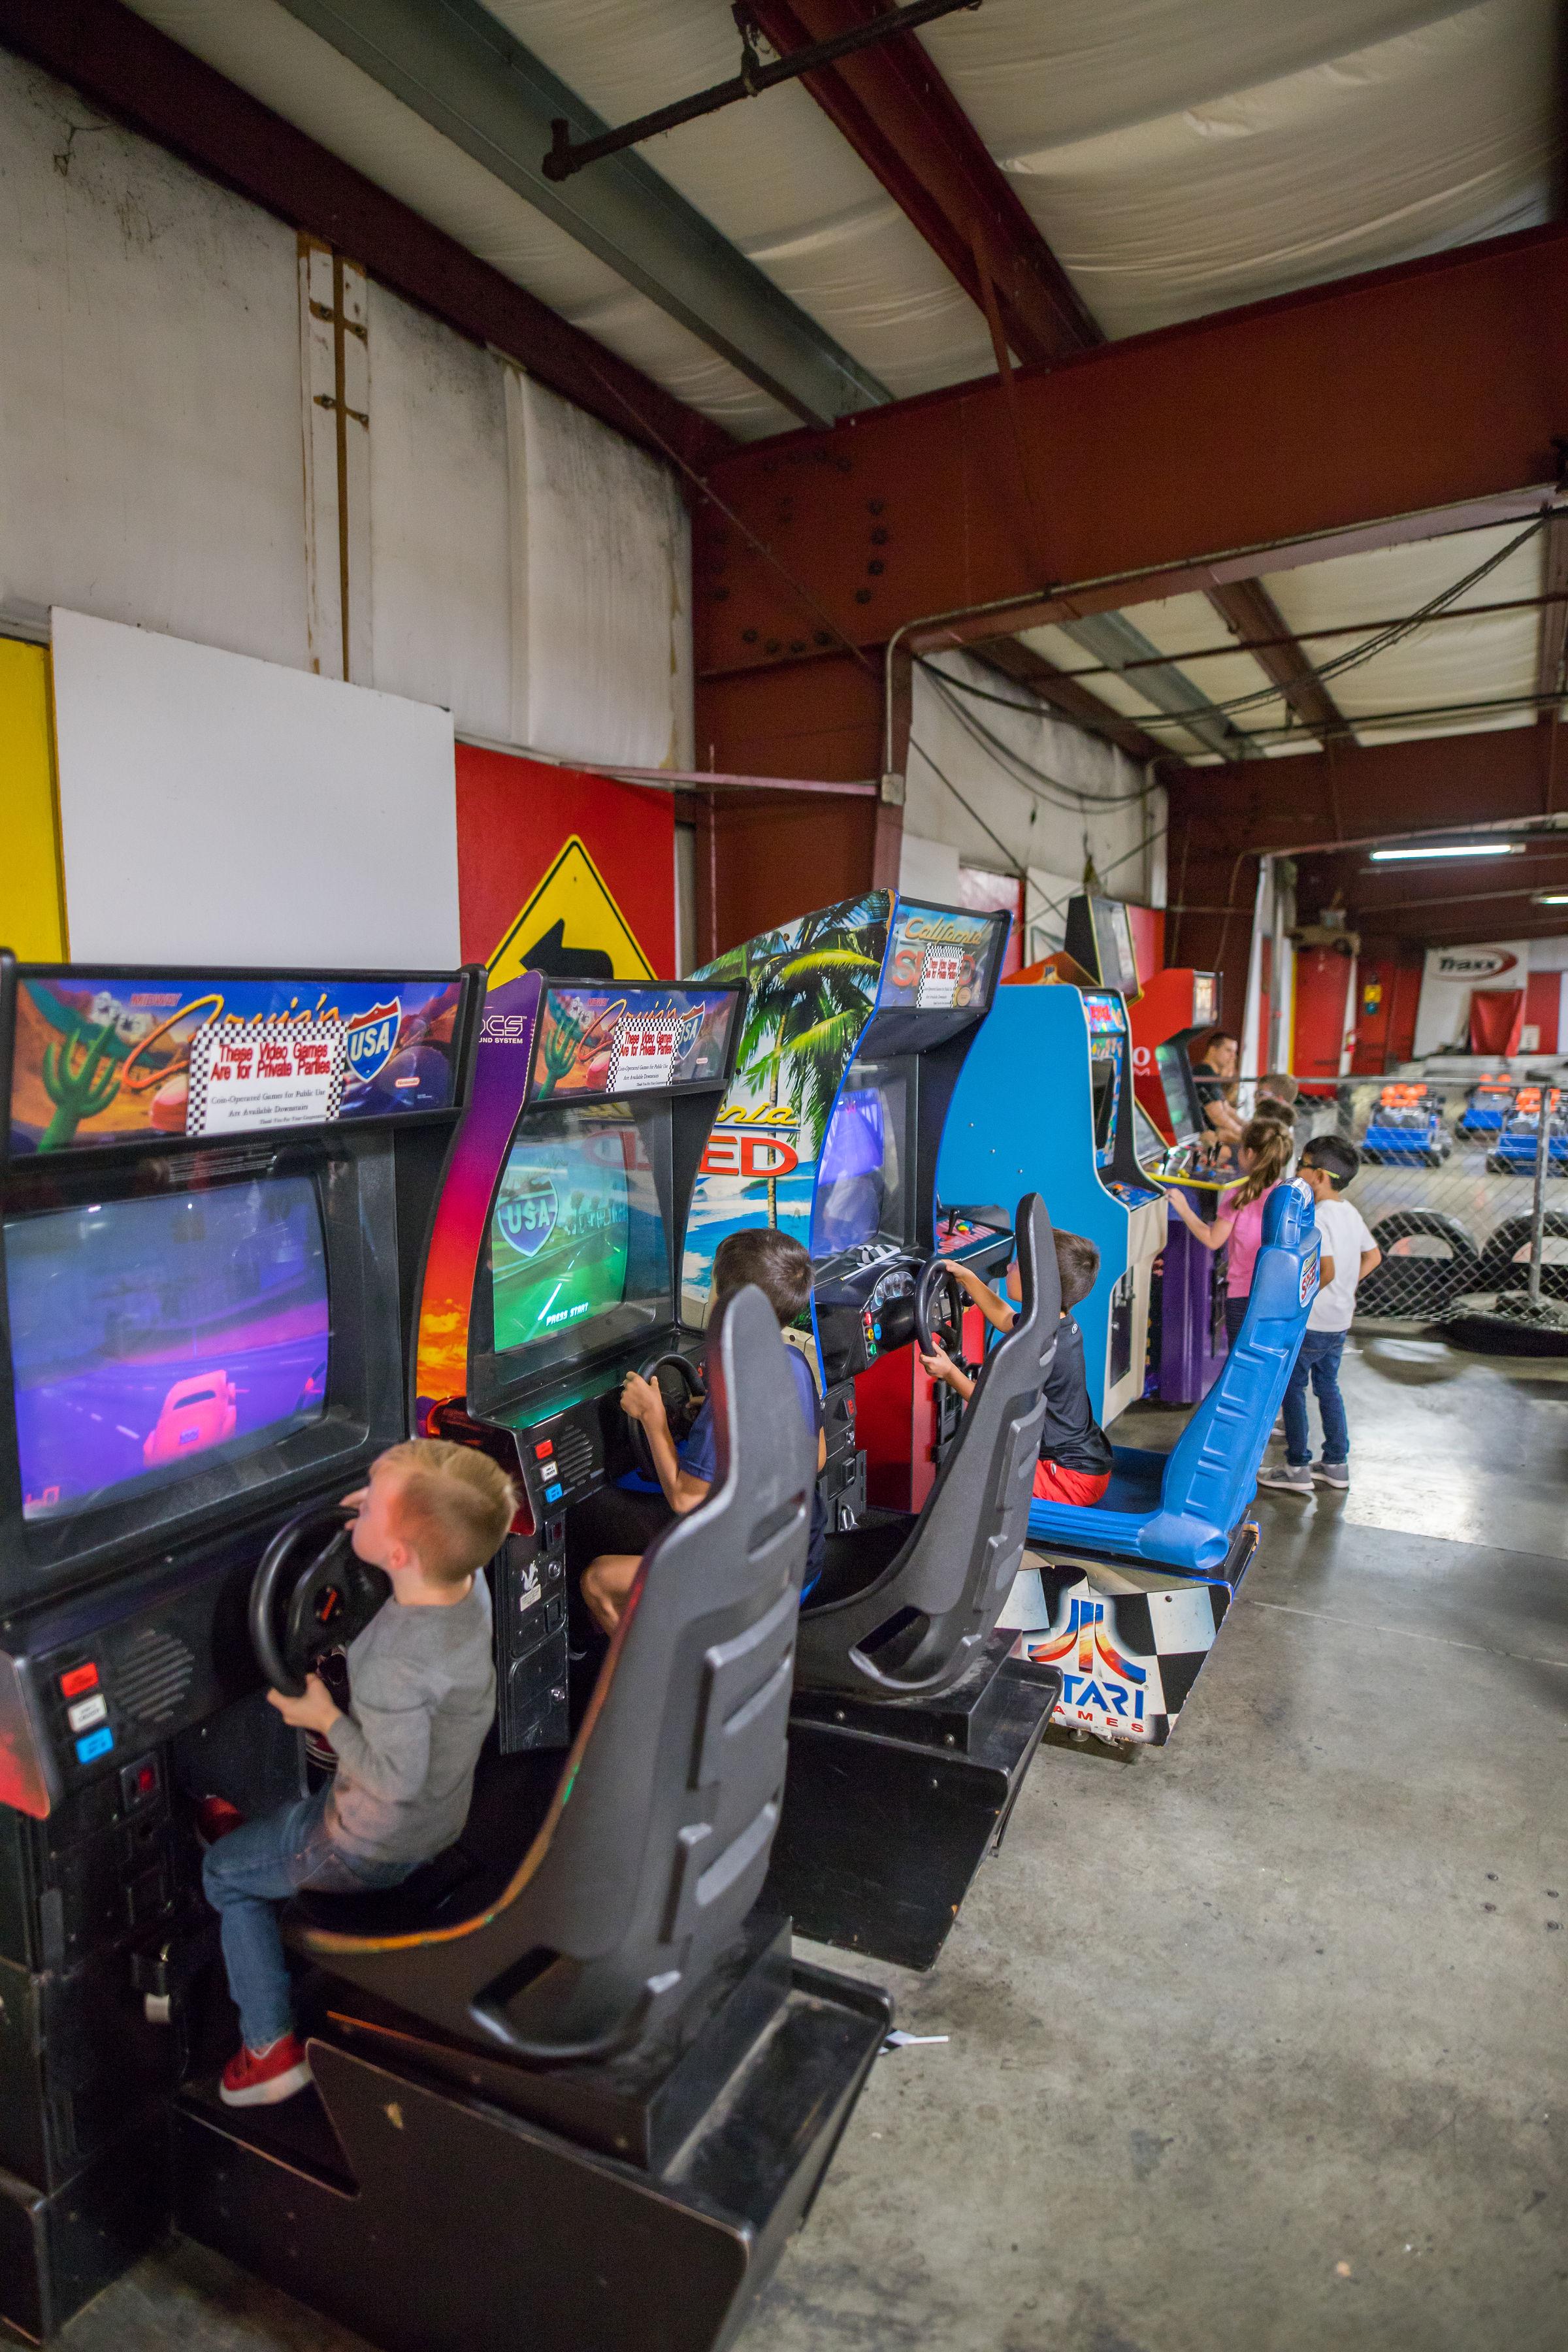 Old-School Arcade Games